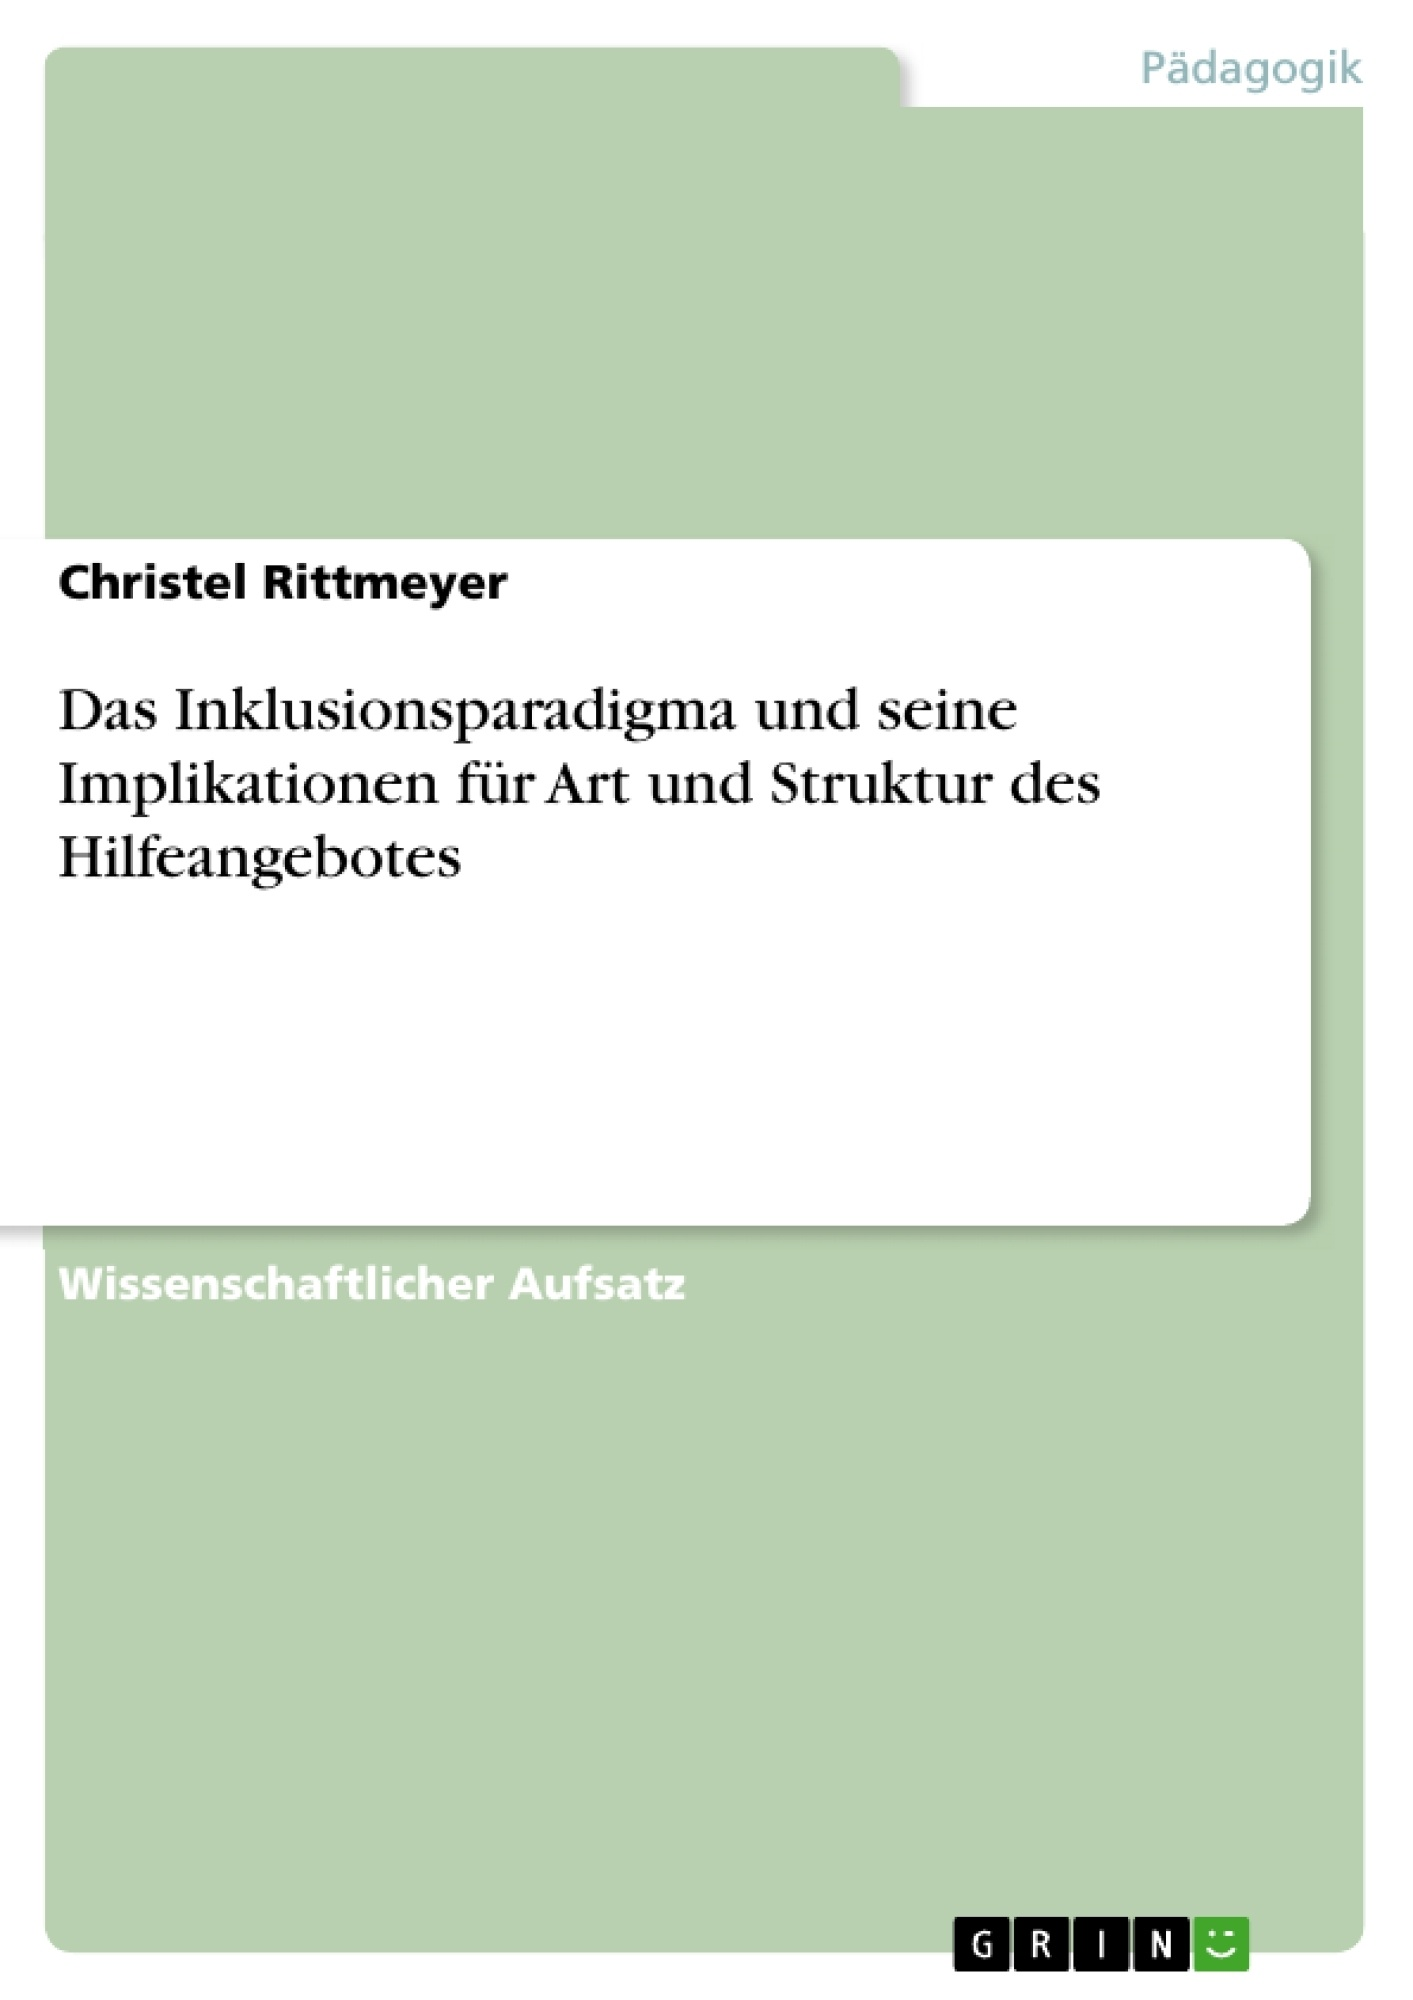 Titel: Das Inklusionsparadigma und seine Implikationen für Art und Struktur des Hilfeangebotes